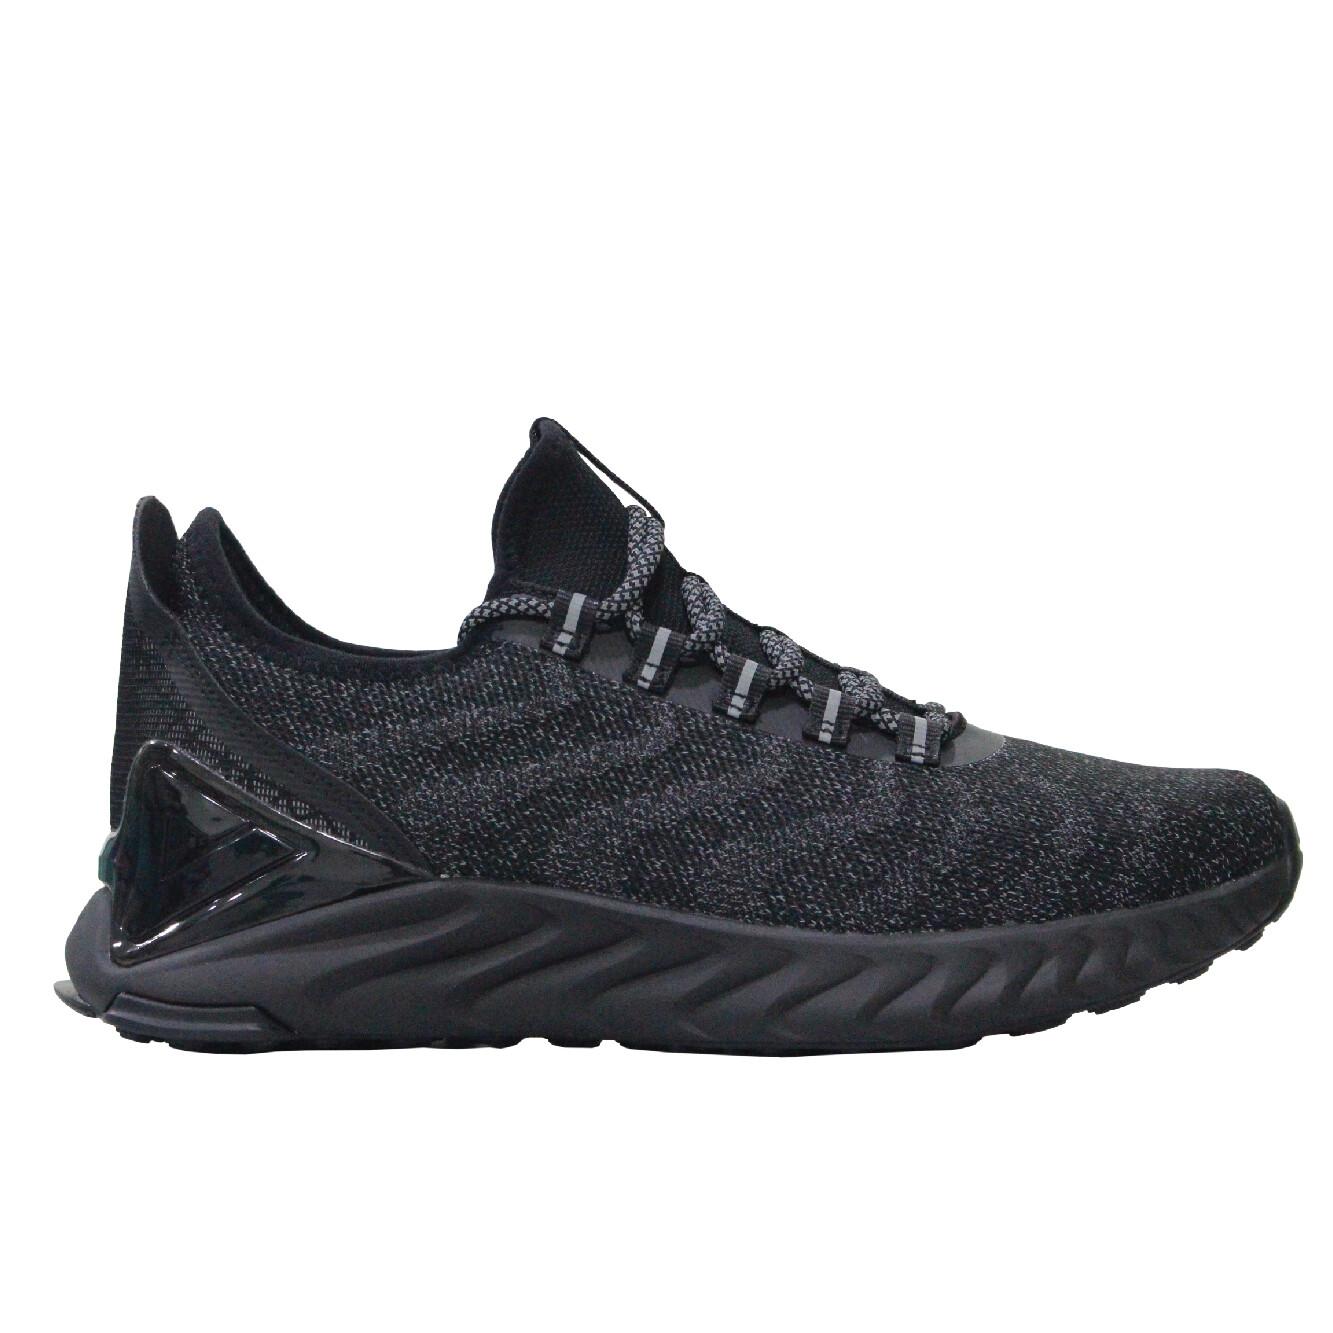 PEAK Galaxy Taichi 1.0 Women Casual Running Shoes - Black